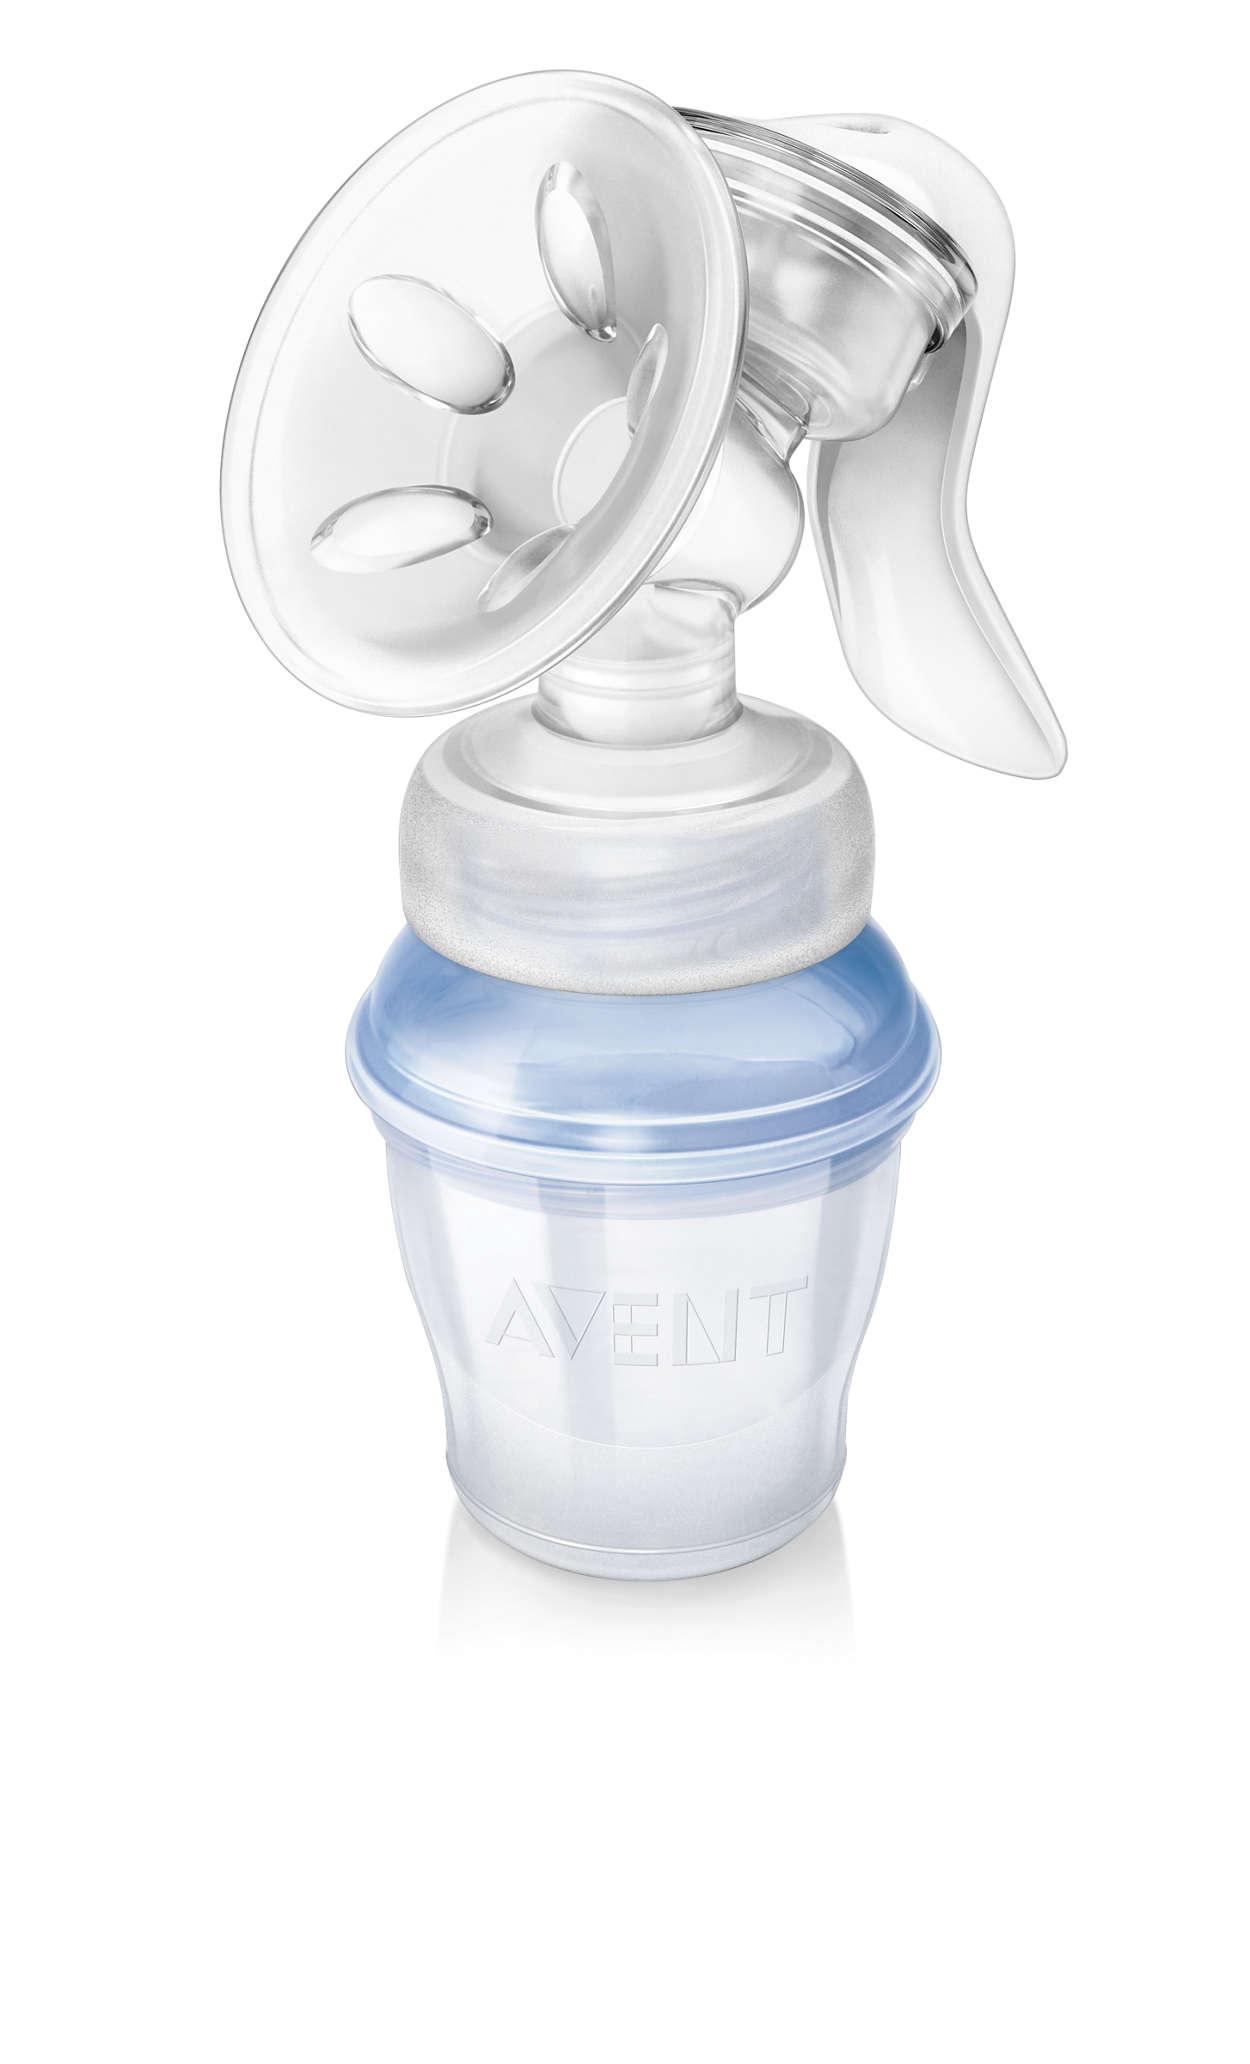 Lapte pentru bebeluş şi confort pentru mamă